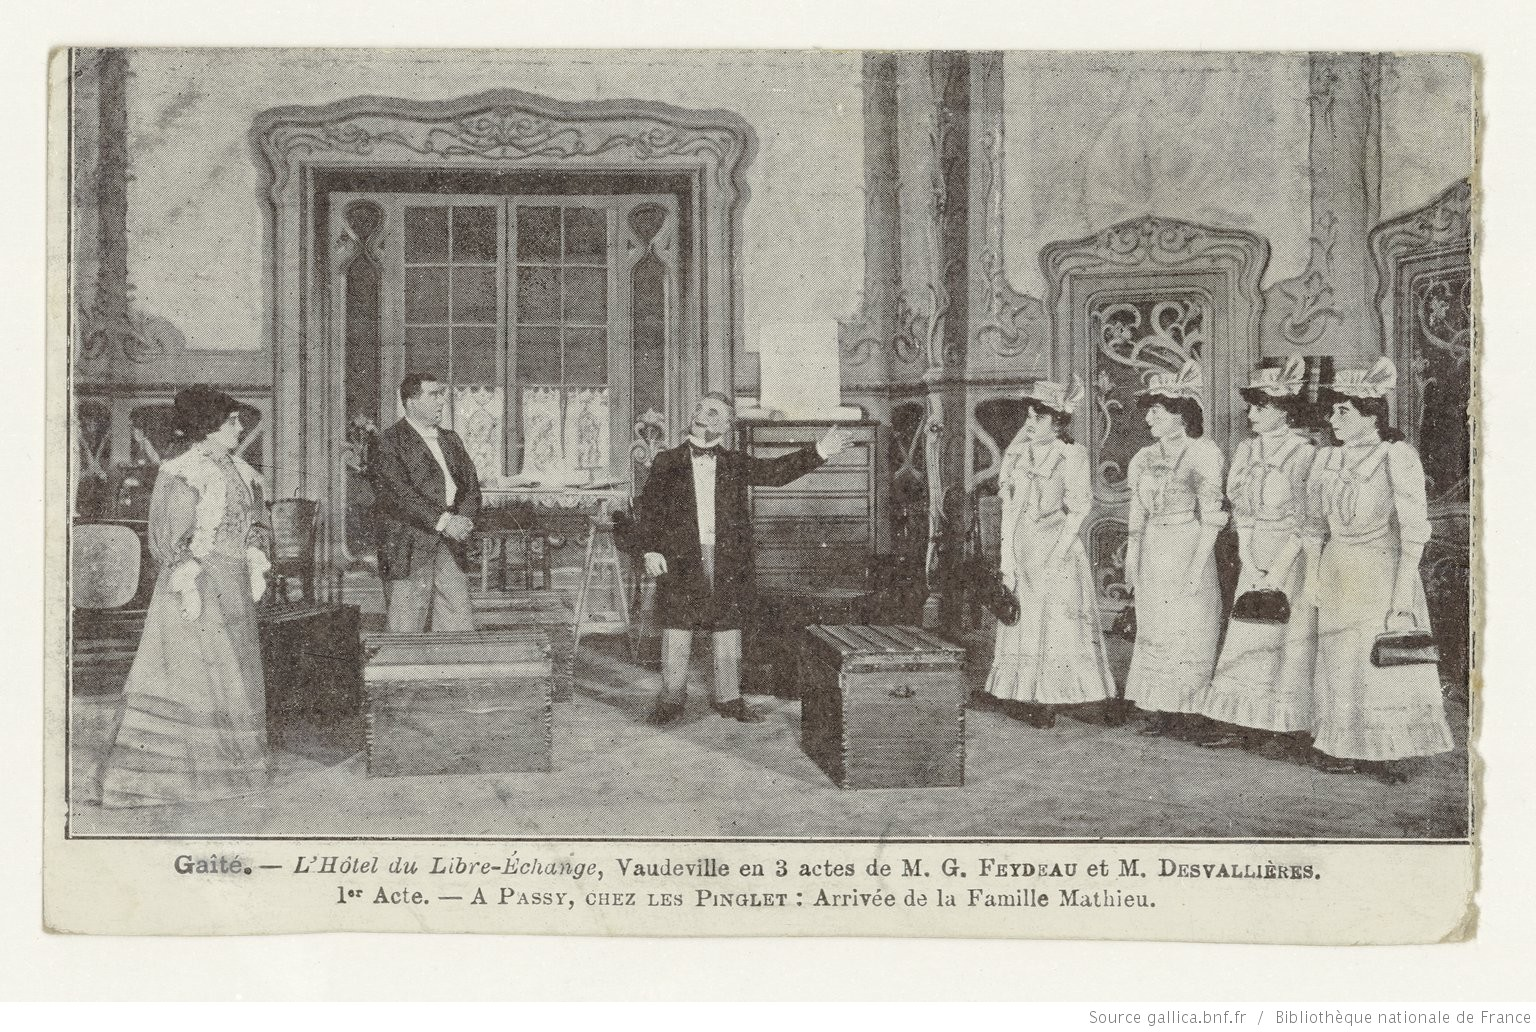 L'Hôtel du Libre-Echange  de Feydeau et Desvallières